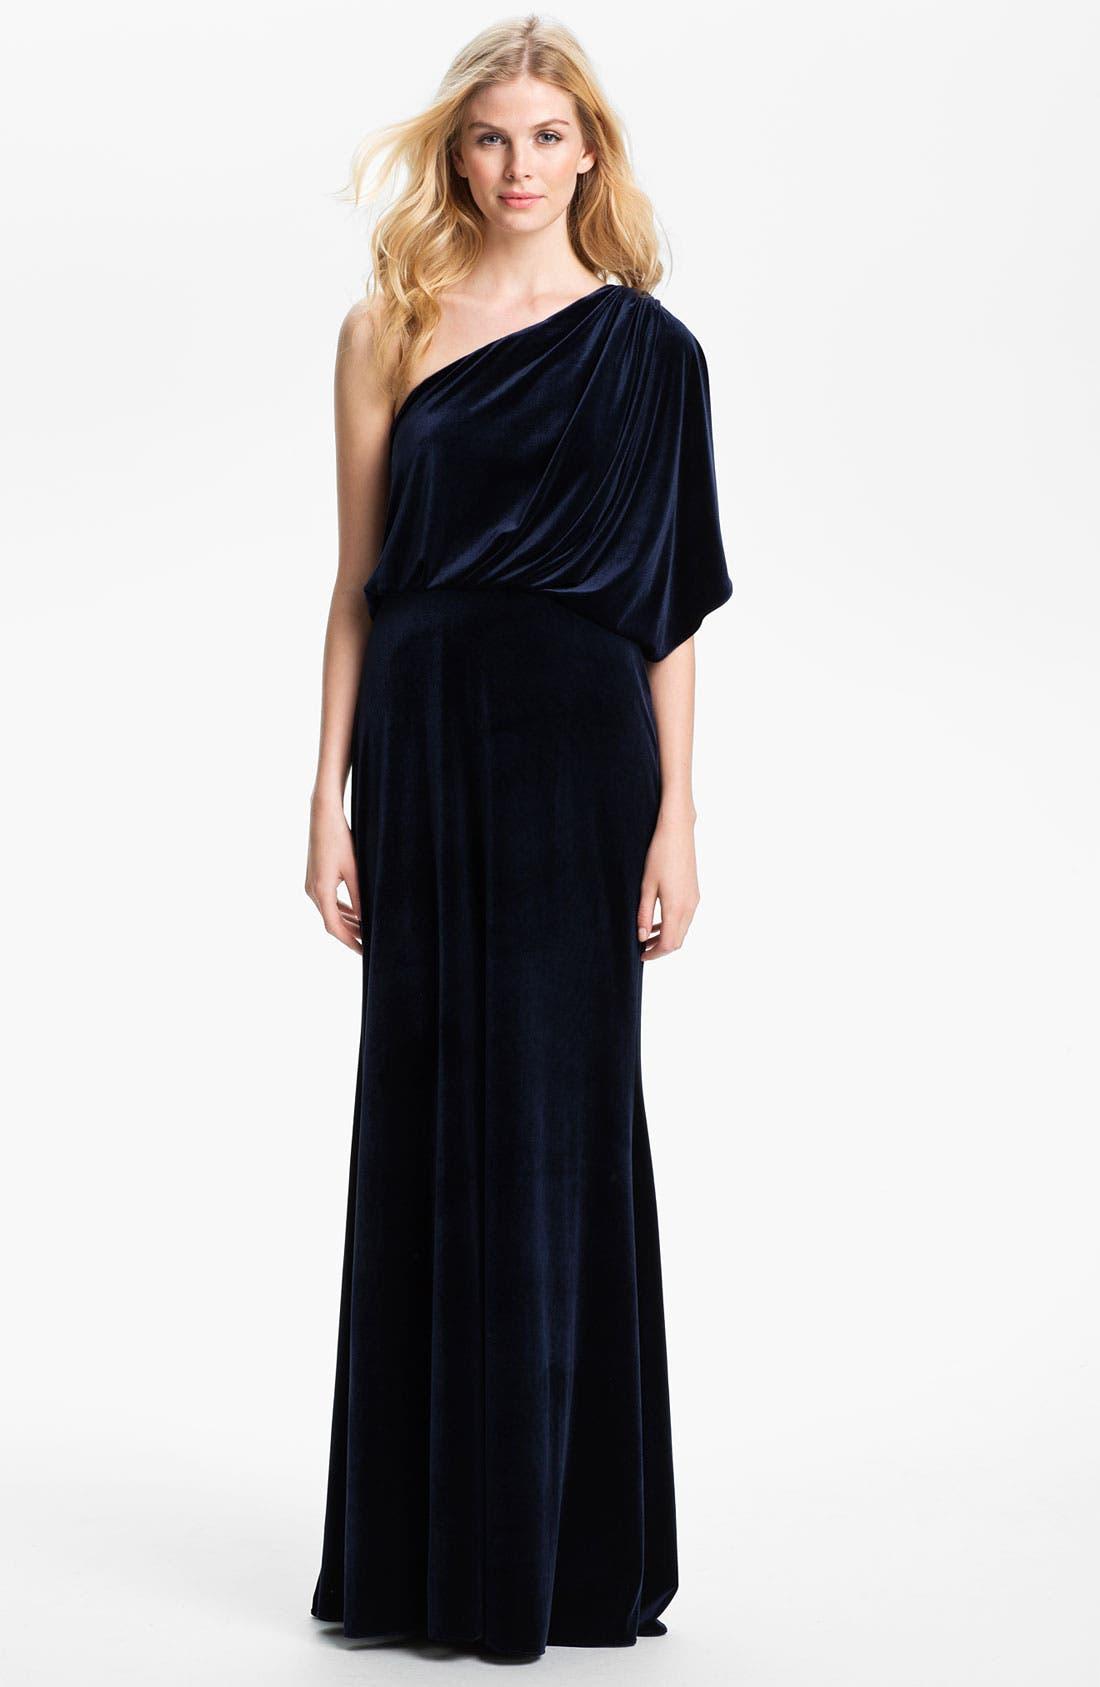 Alternate Image 1 Selected - Adrianna Papell Draped One Shoulder Velvet Blouson Gown